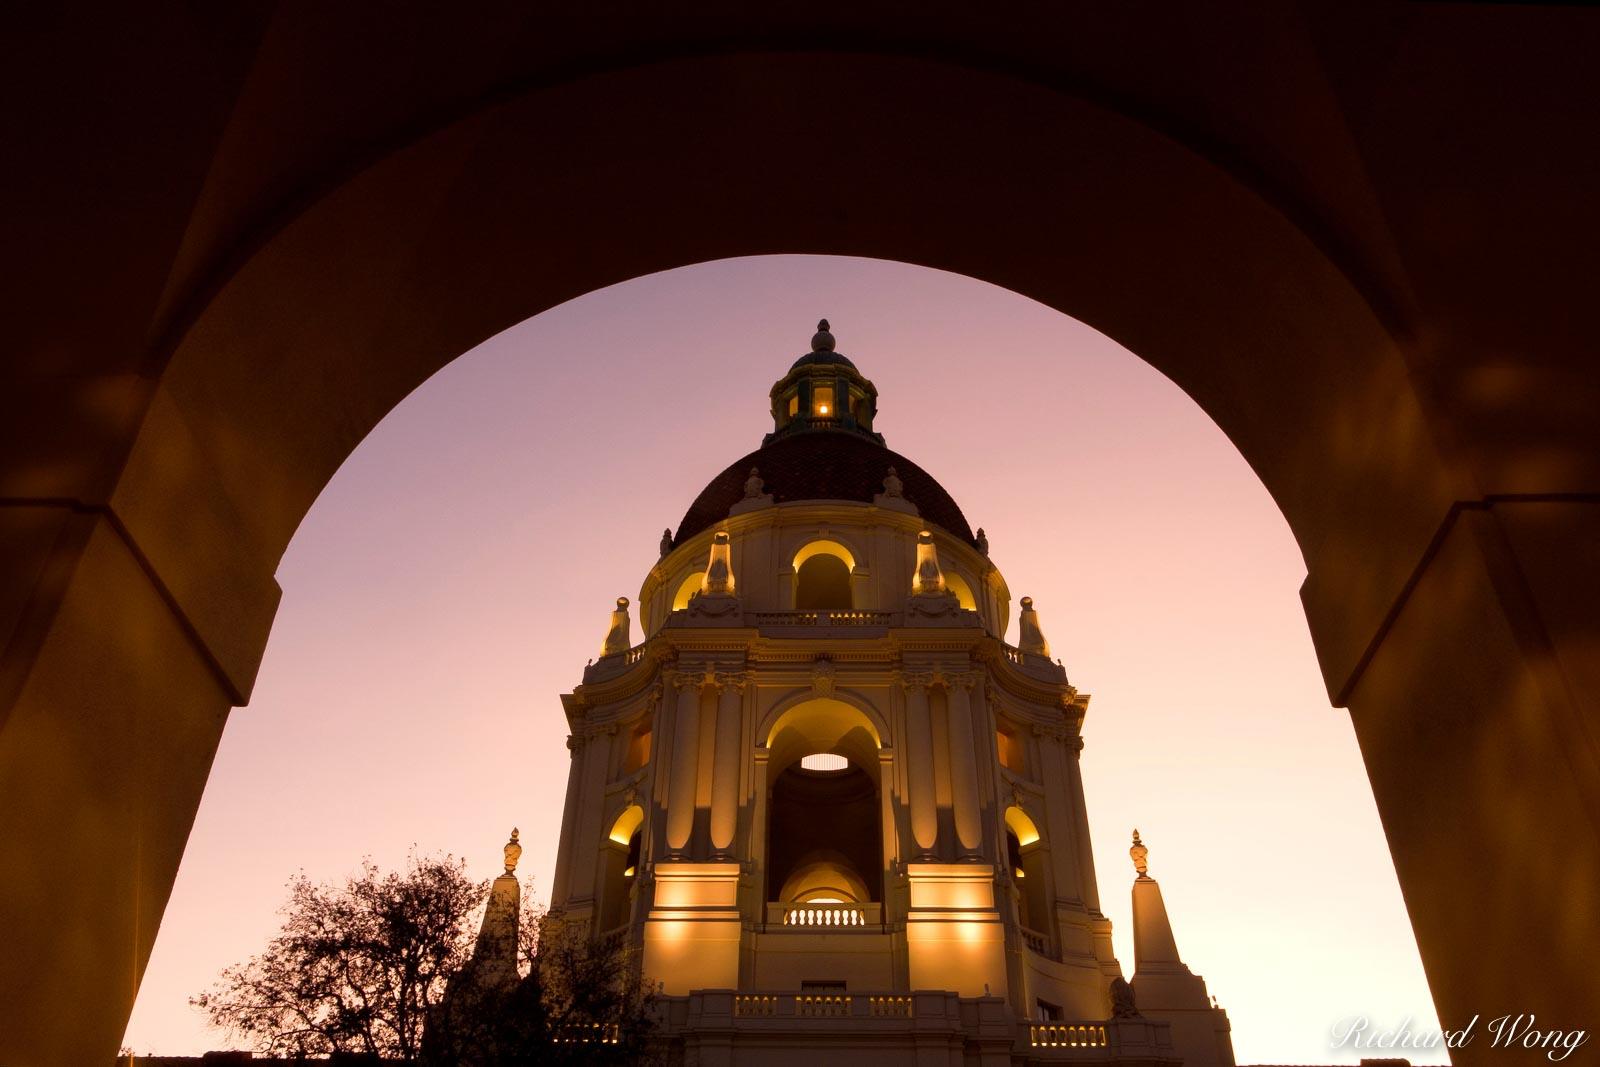 Pasadena City Hall Italian Renaissance Style Dome Framed by Arch, Pasadena, California